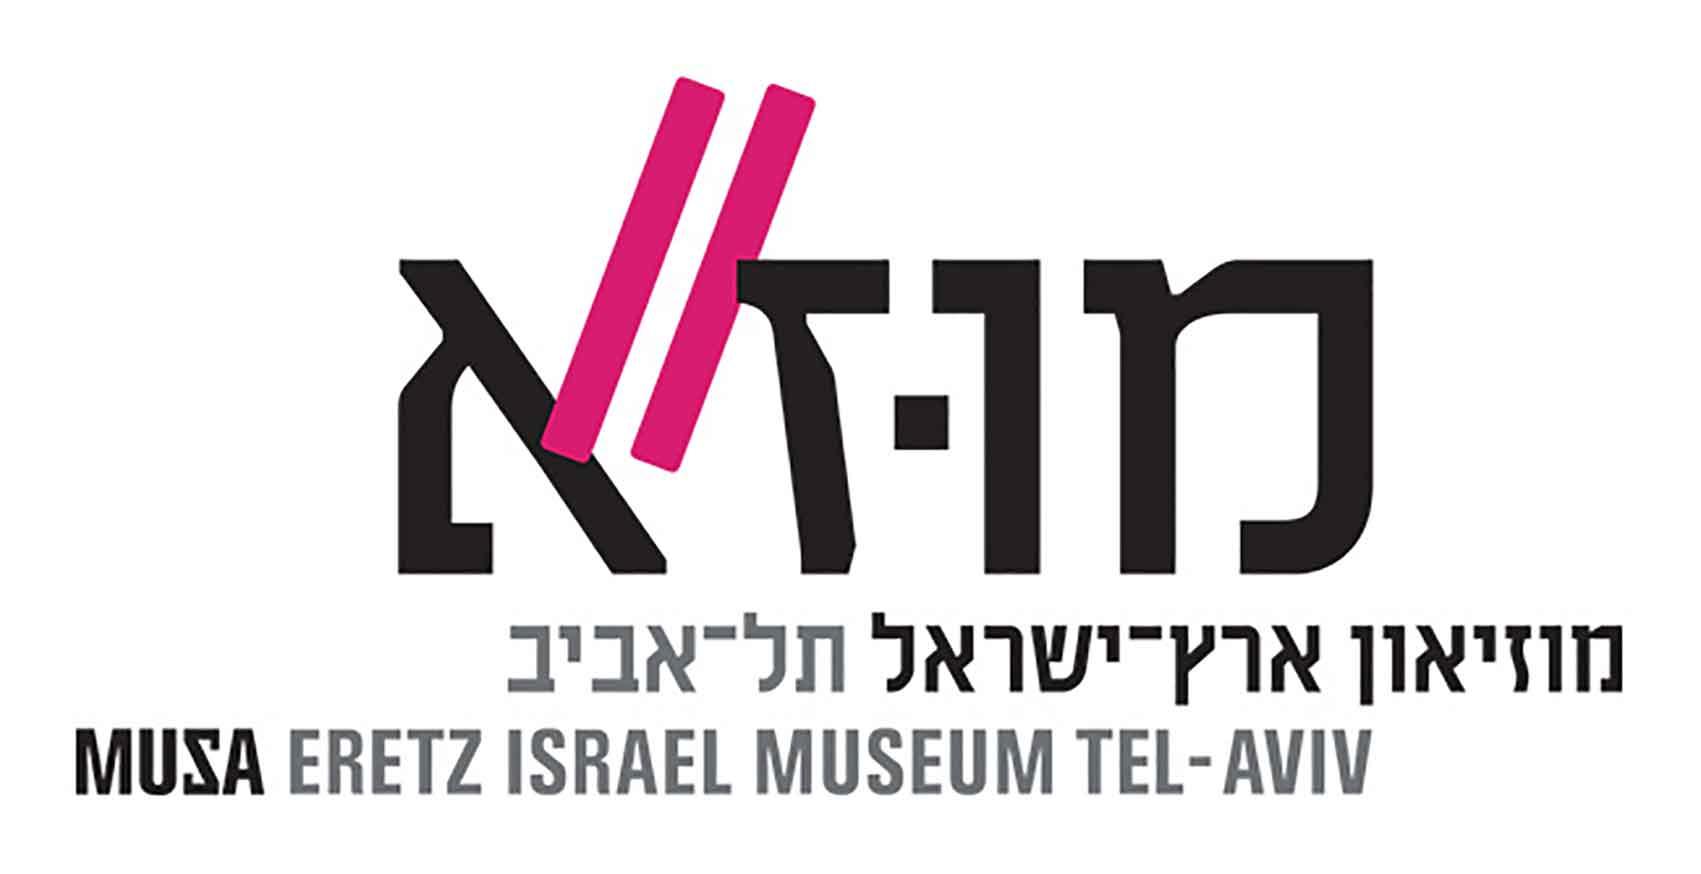 """מוז""""א - מוזיאון ארץ-ישראל"""